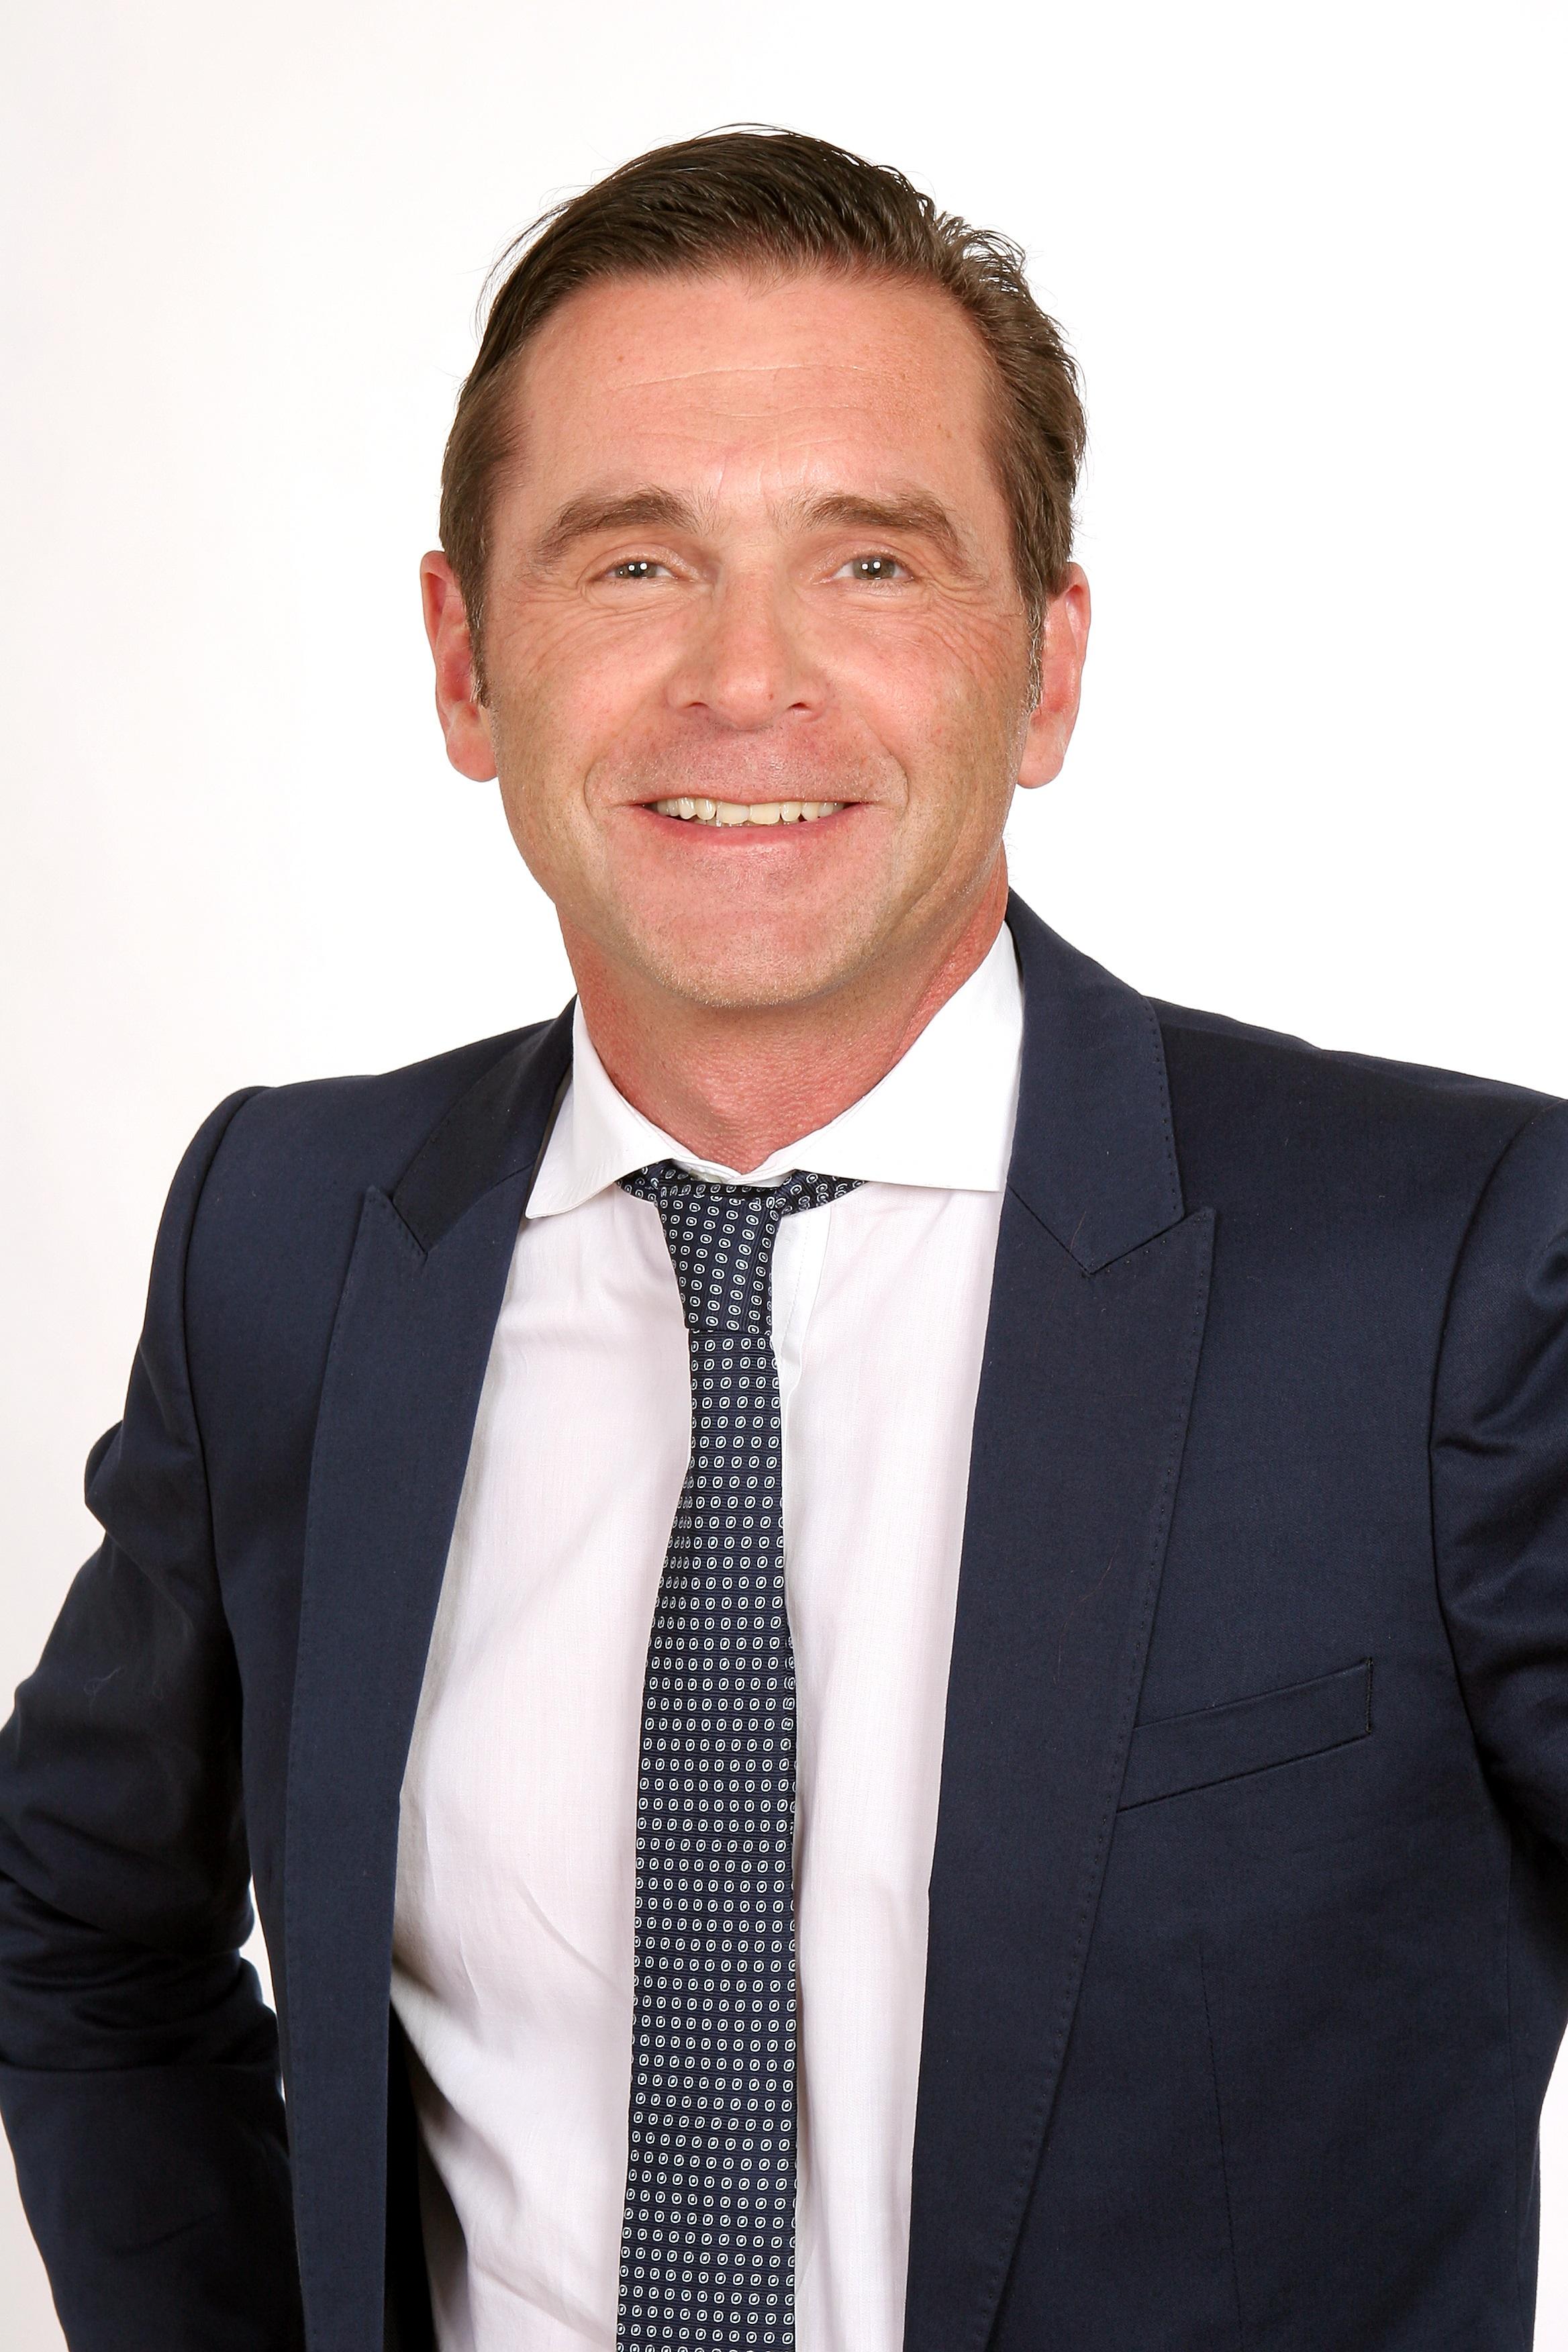 Stefan R. Munz